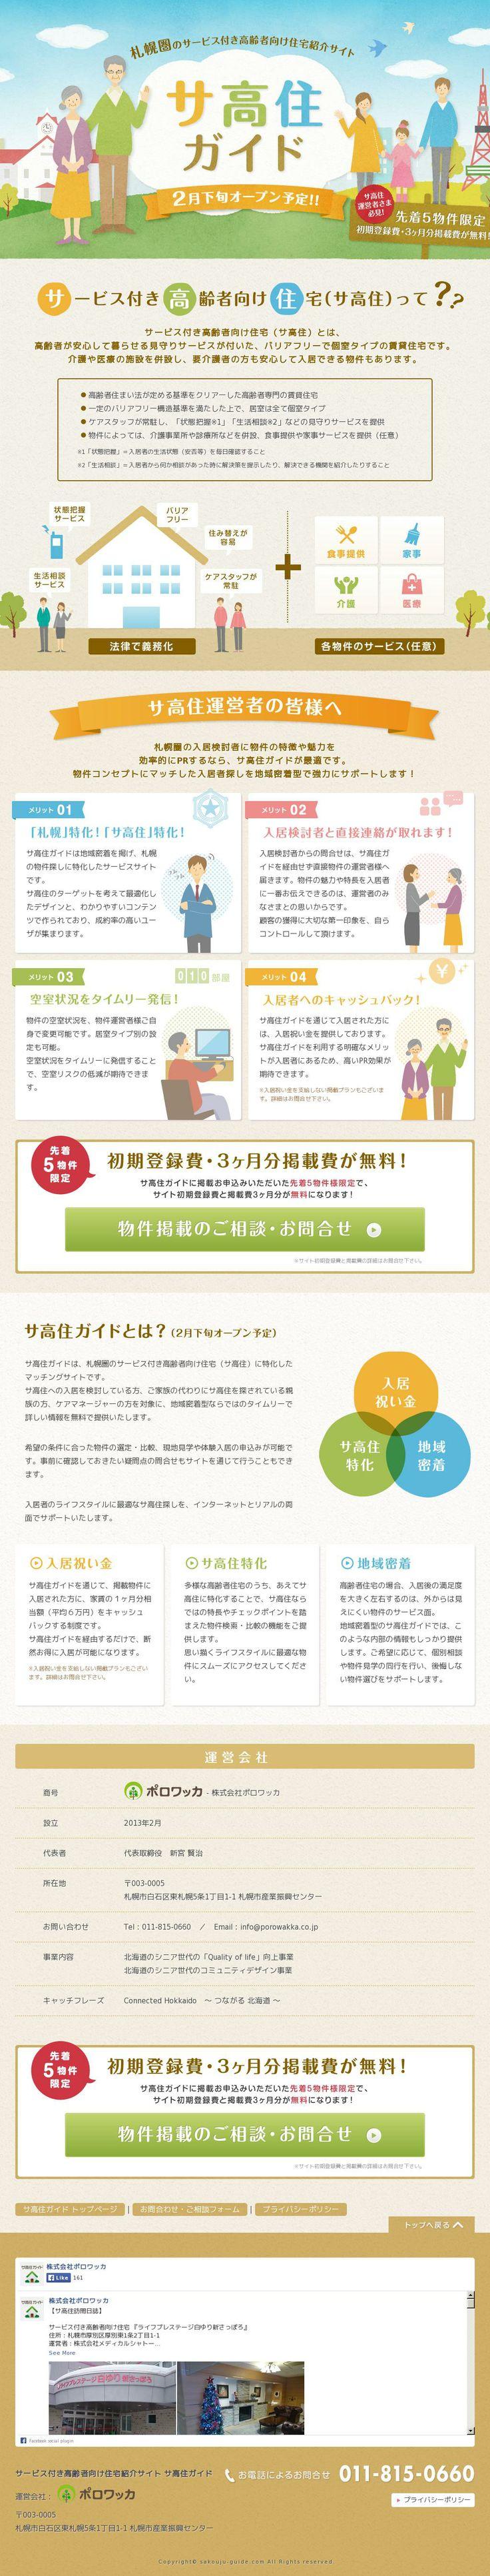 The website 'http://sakouju-guide.com/' courtesy of @Pinstamatic (http://pinstamatic.com)